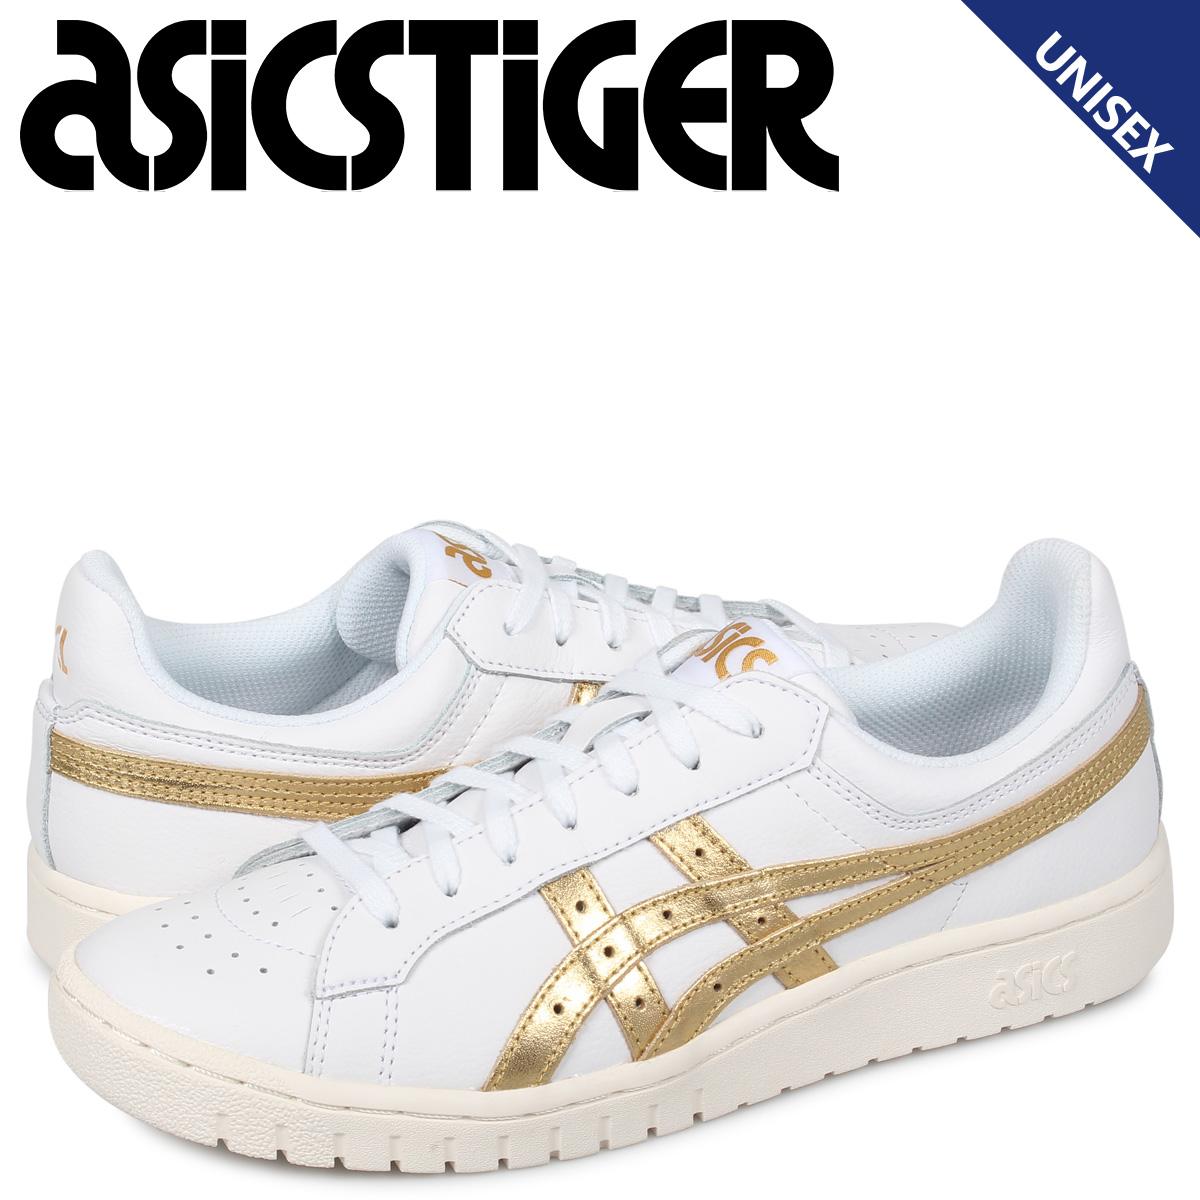 アシックスタイガー asics Tiger ゲル PTG スニーカー メンズ レディース GEL ポイントゲッター ホワイト 白 1191A280-100